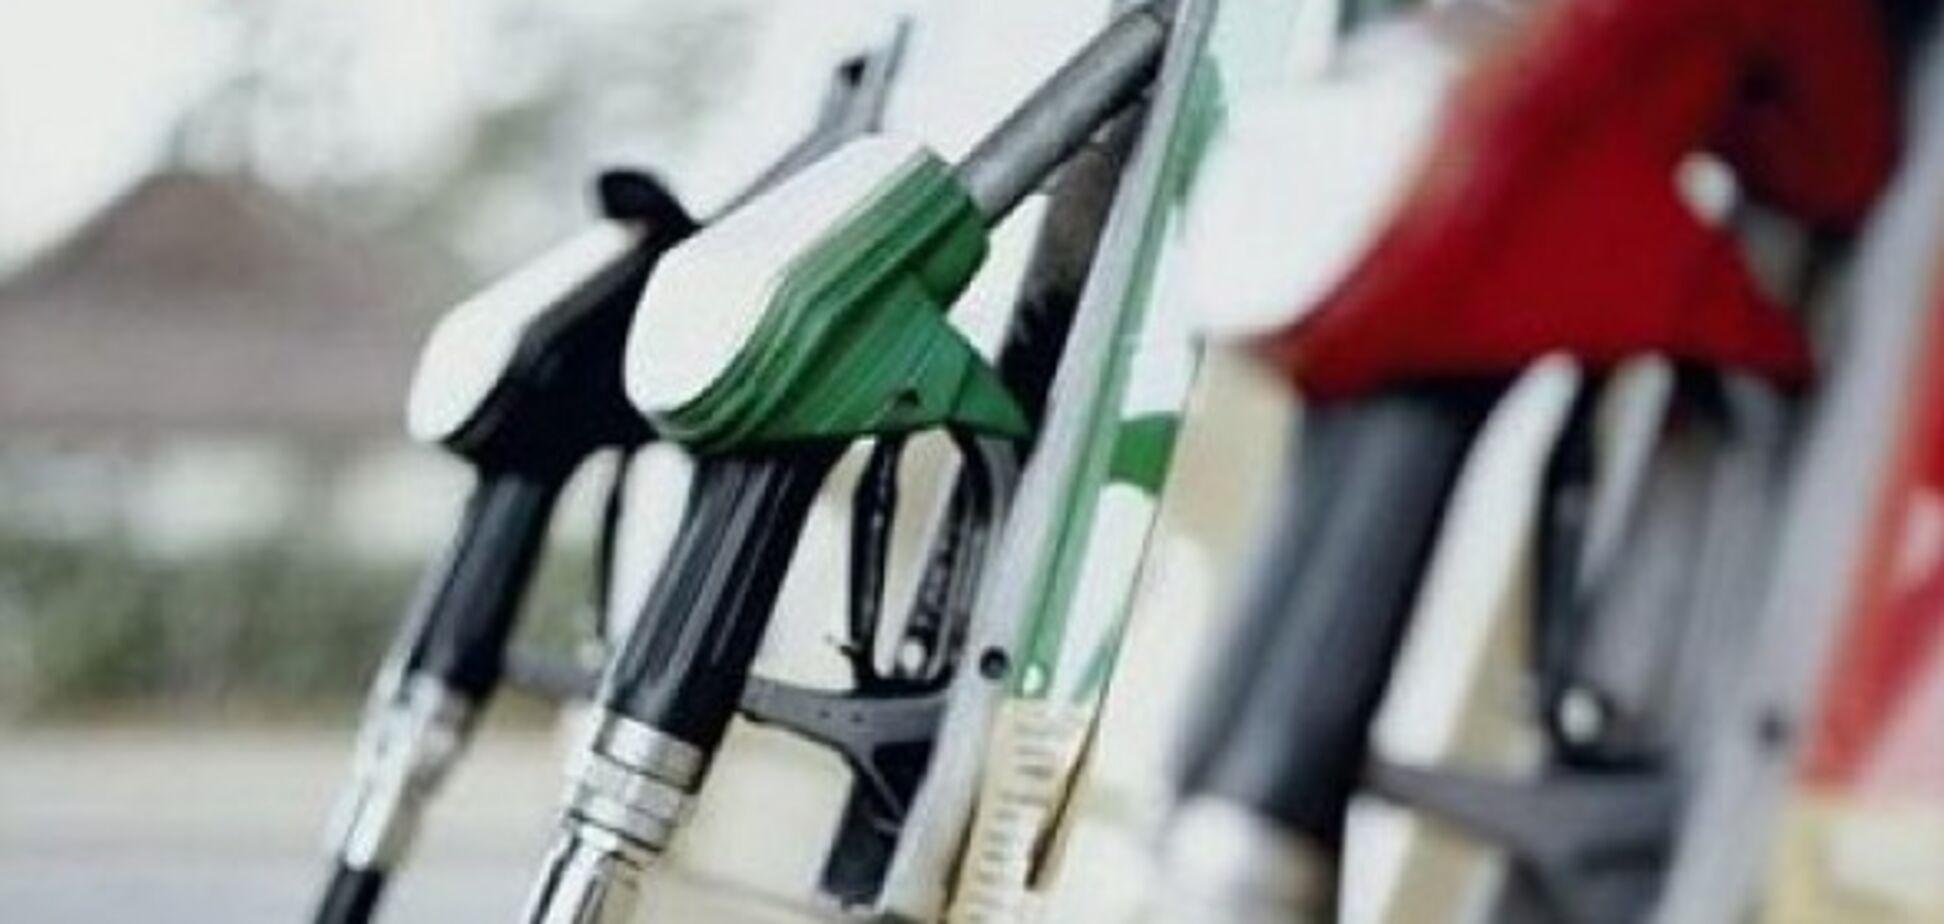 Ціни на автогаз продовжили ріст: вартість пального на АЗС